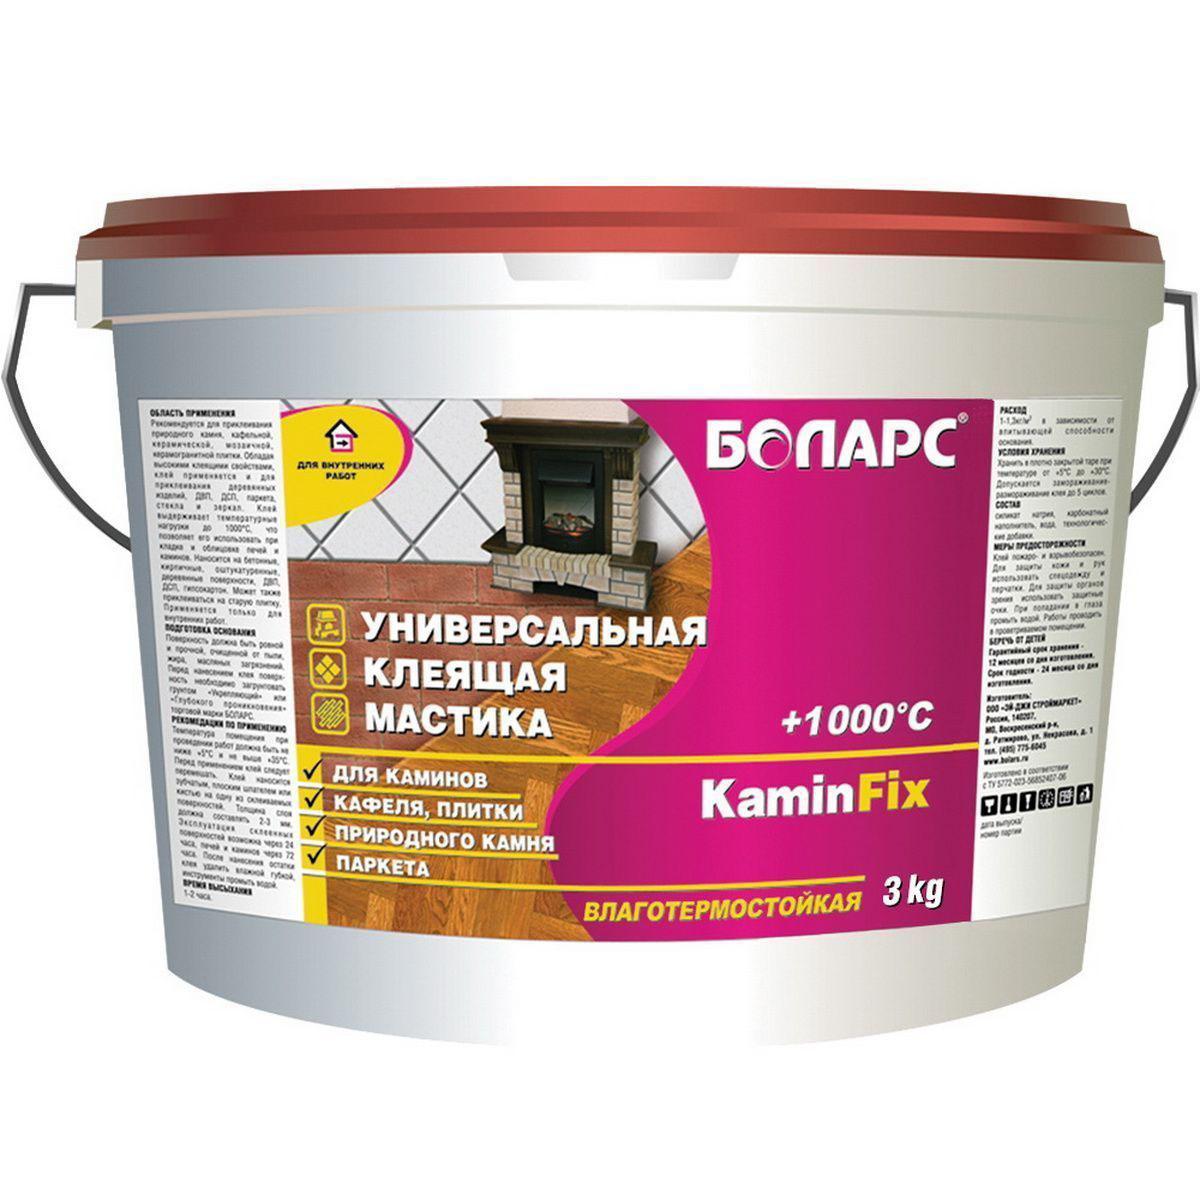 Клей Боларс Kaminfix, 3 кг531-402Клей Боларс Kaminfix с высокой клеящей способностью предназначен для внутренних работ. Клей для приклеивания на впитывающие и не впитывающие основания природного и керамогранитного камня, кафельной, керамической, мозаичной плитки. Универсальный клей с широким диапазоном применения для приклеивания стекла и зеркал, линолеума, ковролина. Выдерживает температурные нагрузки до 1000°С, что позволяет применять его при кладке и облицовке каминов. Цвет: бежевый.Время высыхания: 24 часа; полное отверждение: 6 суток.pH: 9,0-11,0Расход: 0,8-1,0 кг/м2.Адгезия: не менее 0,6 МПа.Адгезия после нагревания до 1000 °С: не менее 0,4 МПа.Морозостойкость при транспортировке: 5 циклов.Температура проведения работ: +5°С +30°С.Температура эксплуатации: +5°С +1000°С.Гарантийный срок хранения - 6 месяцев со дня изготовления, в оригинальной невскрытой упаковке изготовителя.Срок годности - 12 месяцев со дня изготовления, в оригинальной невскрытой упаковке изготовителя.